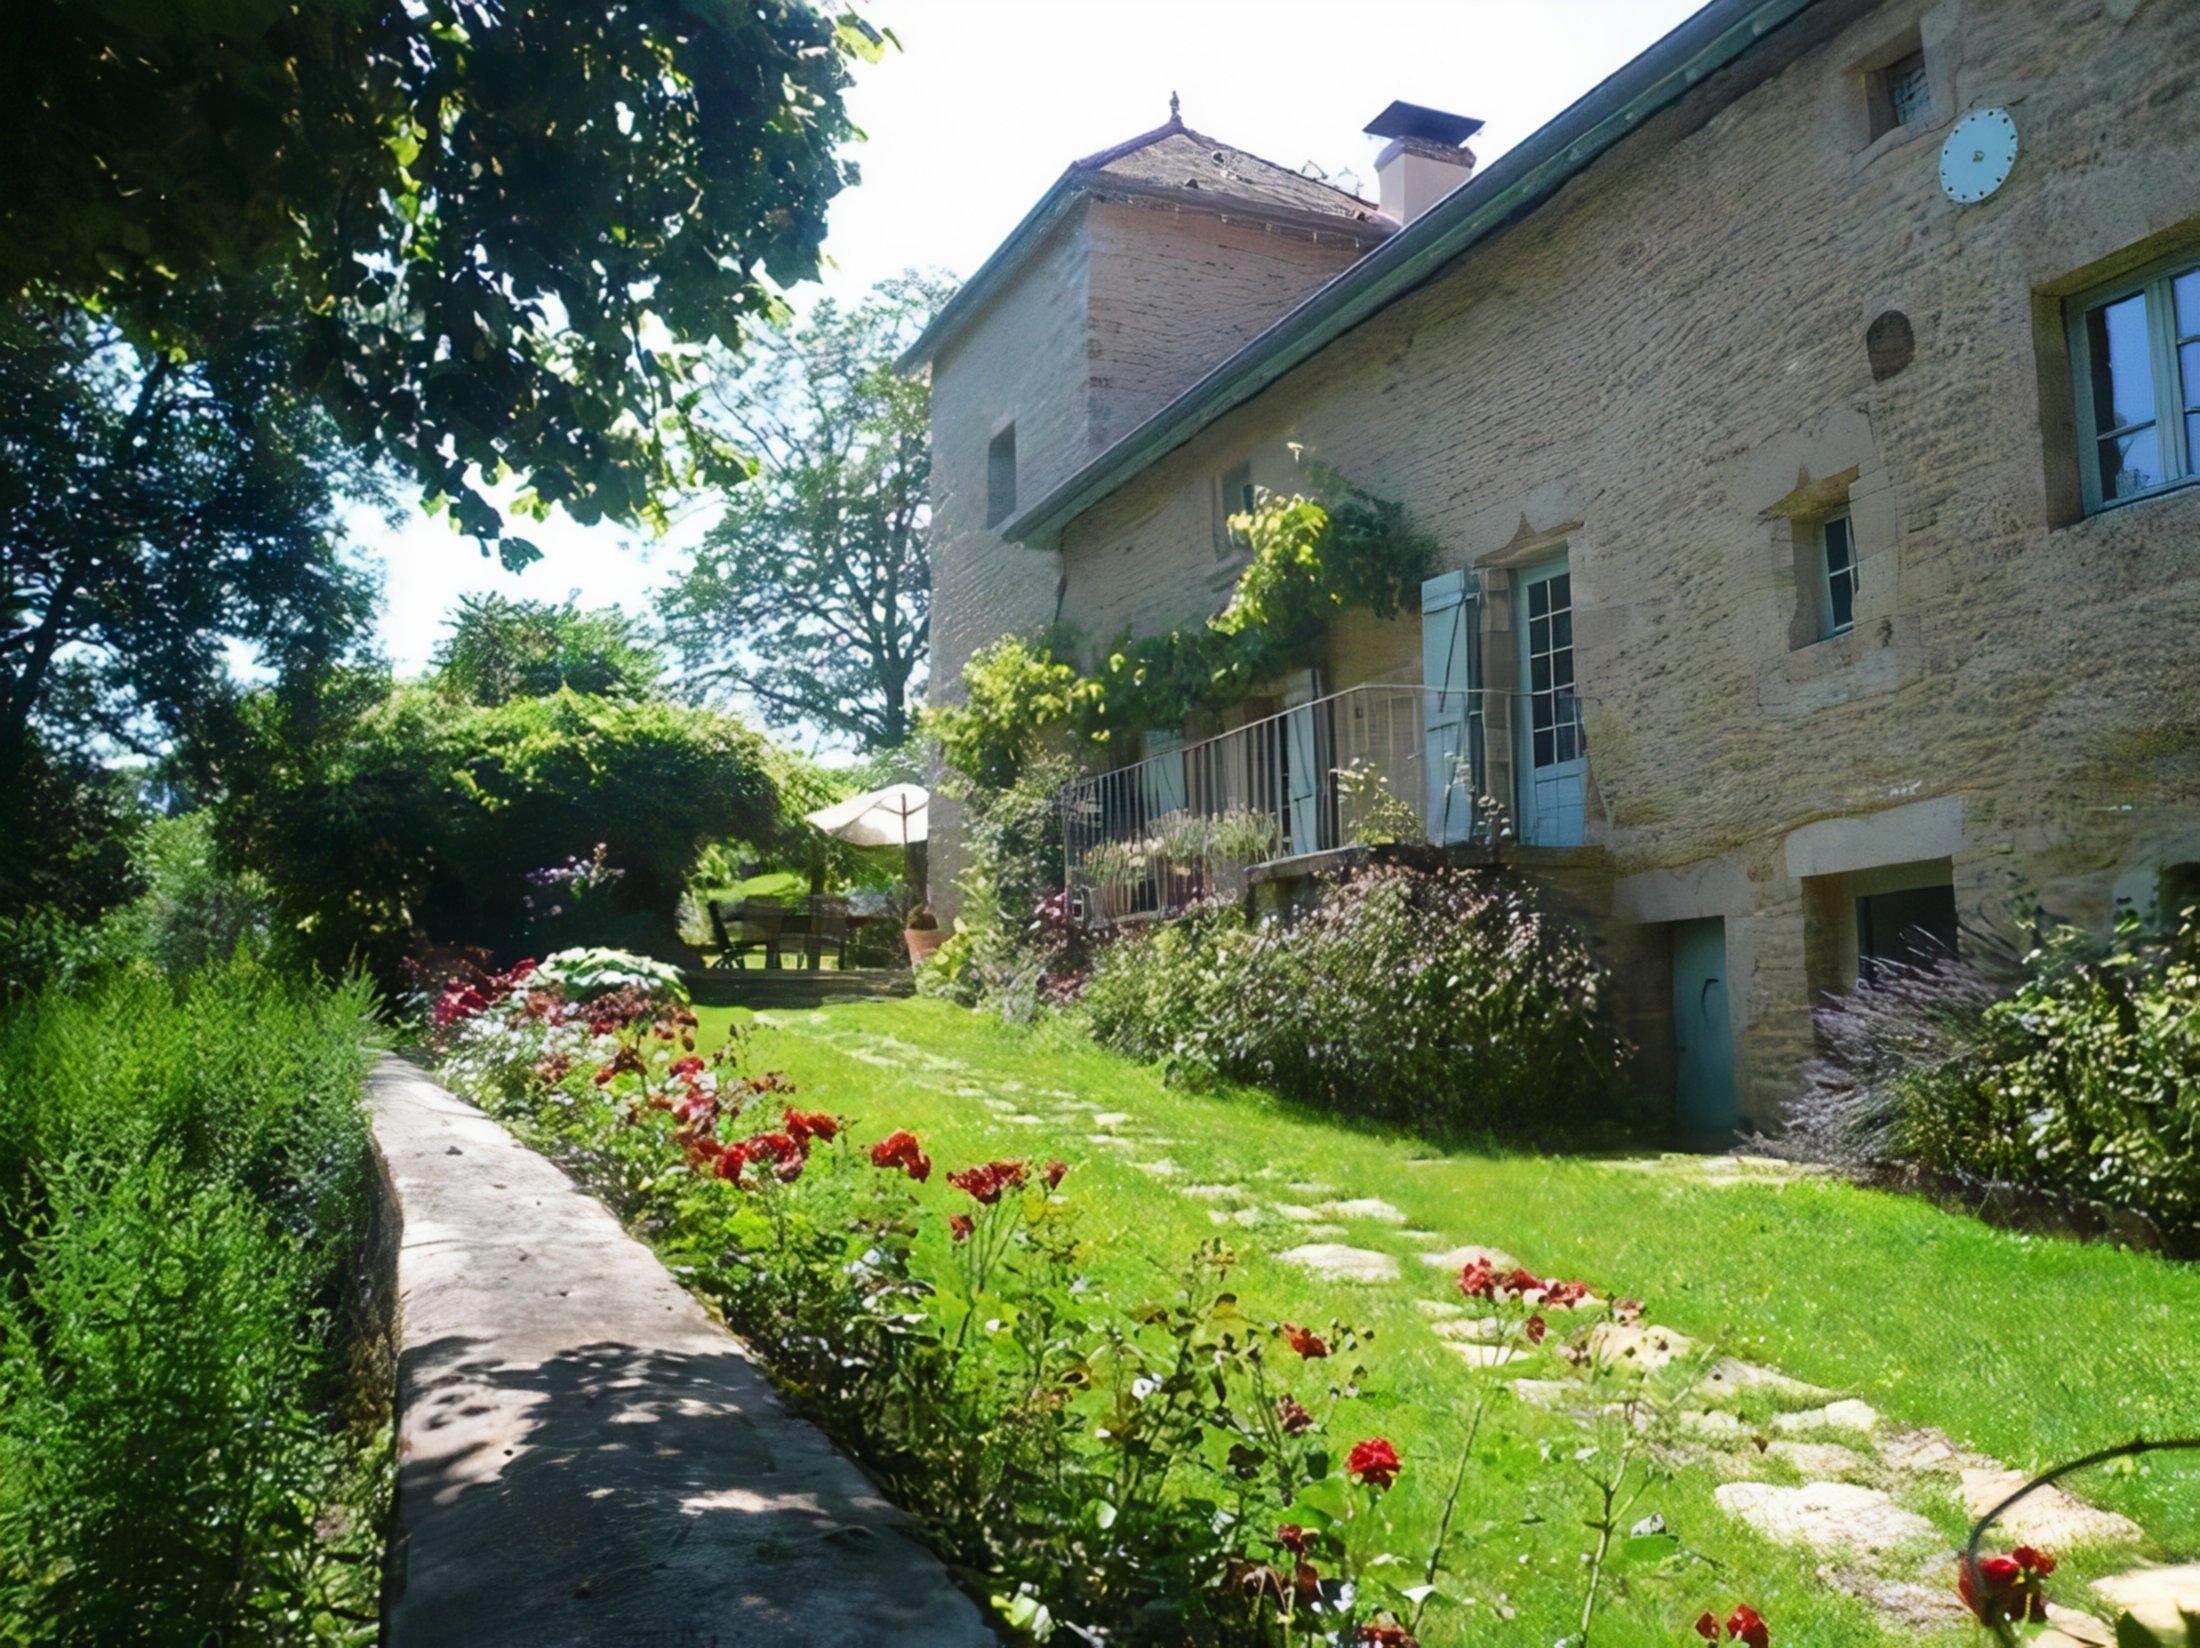 A garden in front of a house at Clos de Fougères.